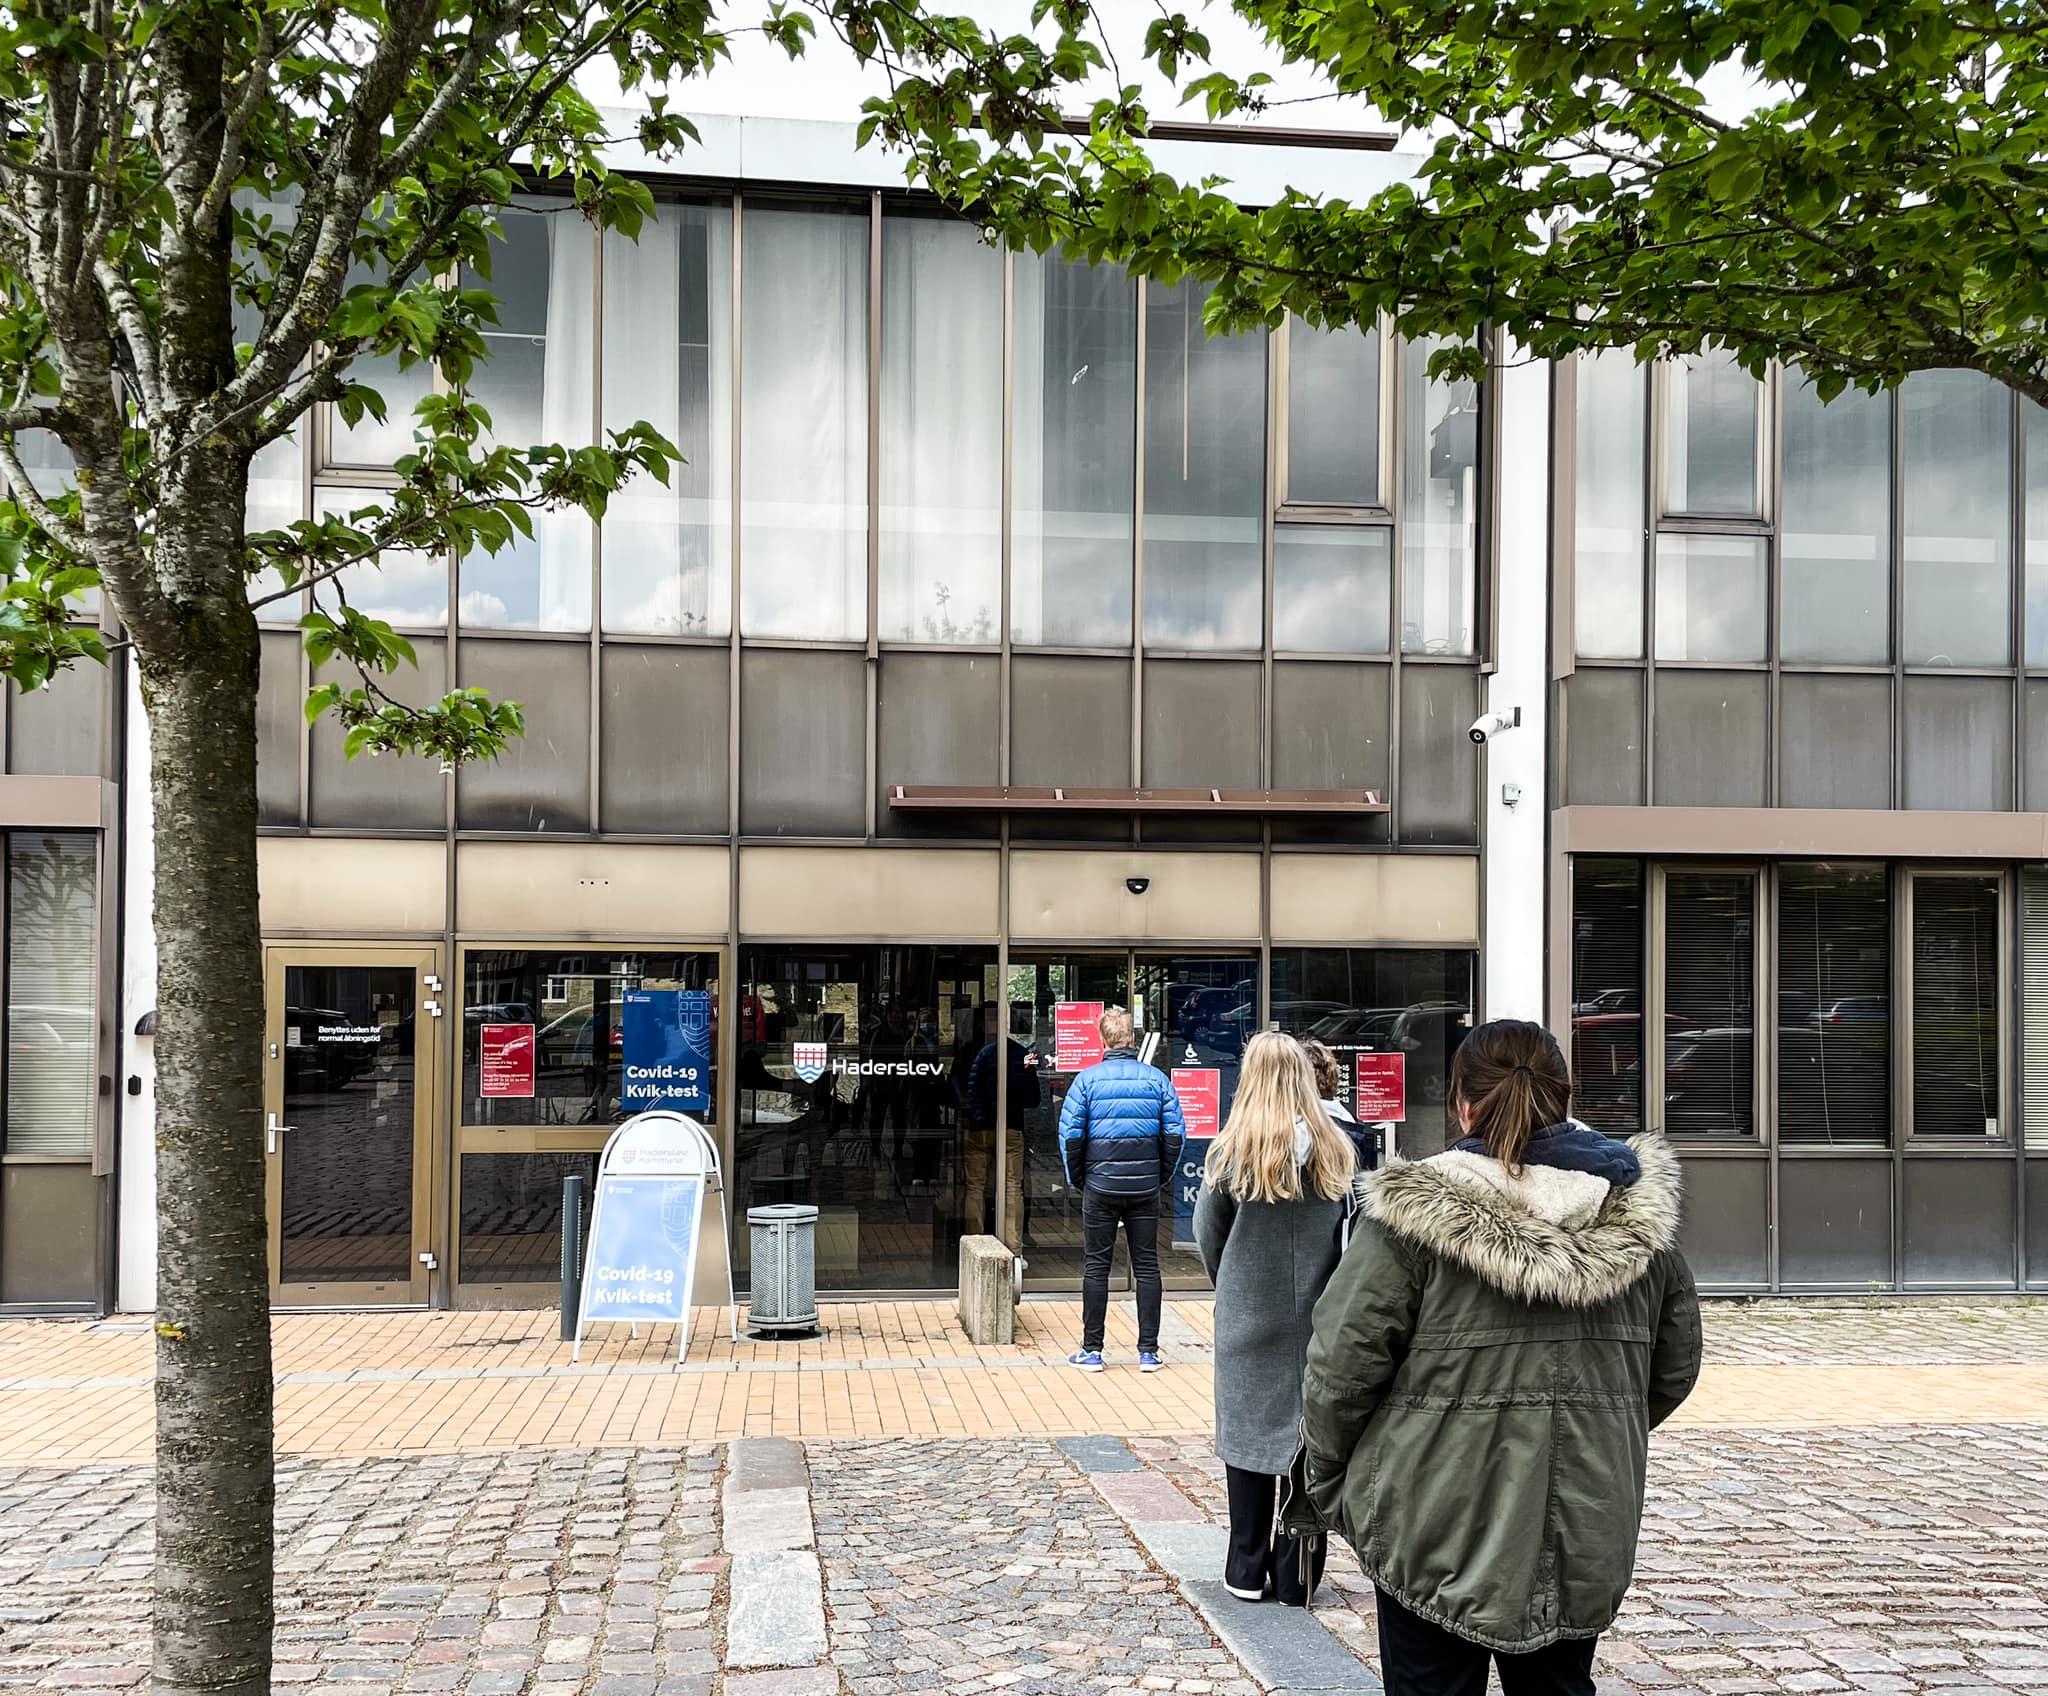 Det er fortsat muligt at blive kviktestet blandt andet på det gamle rådhus i Haderslev Foto: Haderslev Kommunes Facebookside